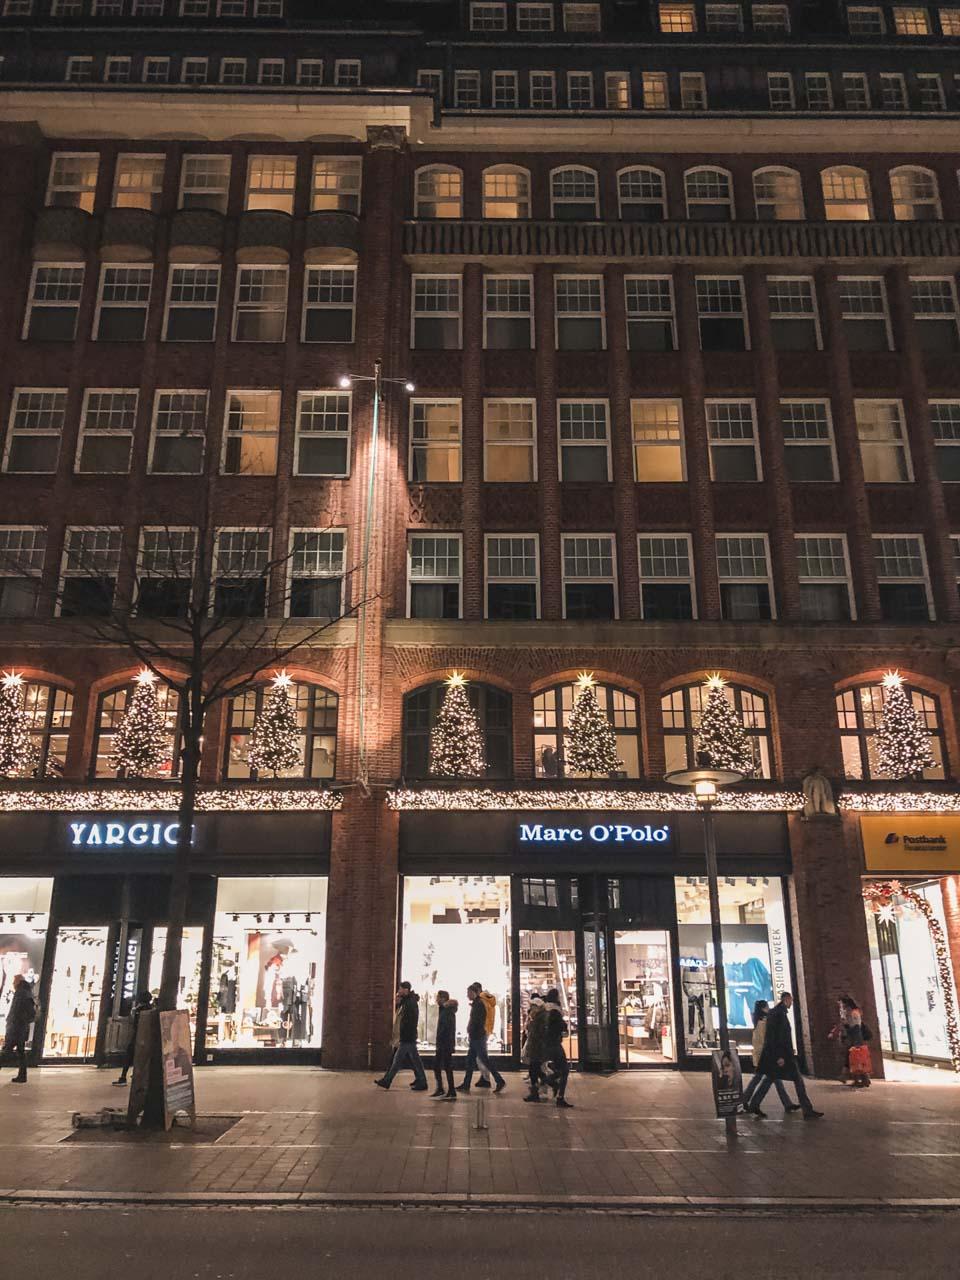 Christmas lights and Christmas trees on the streets of Hamburg